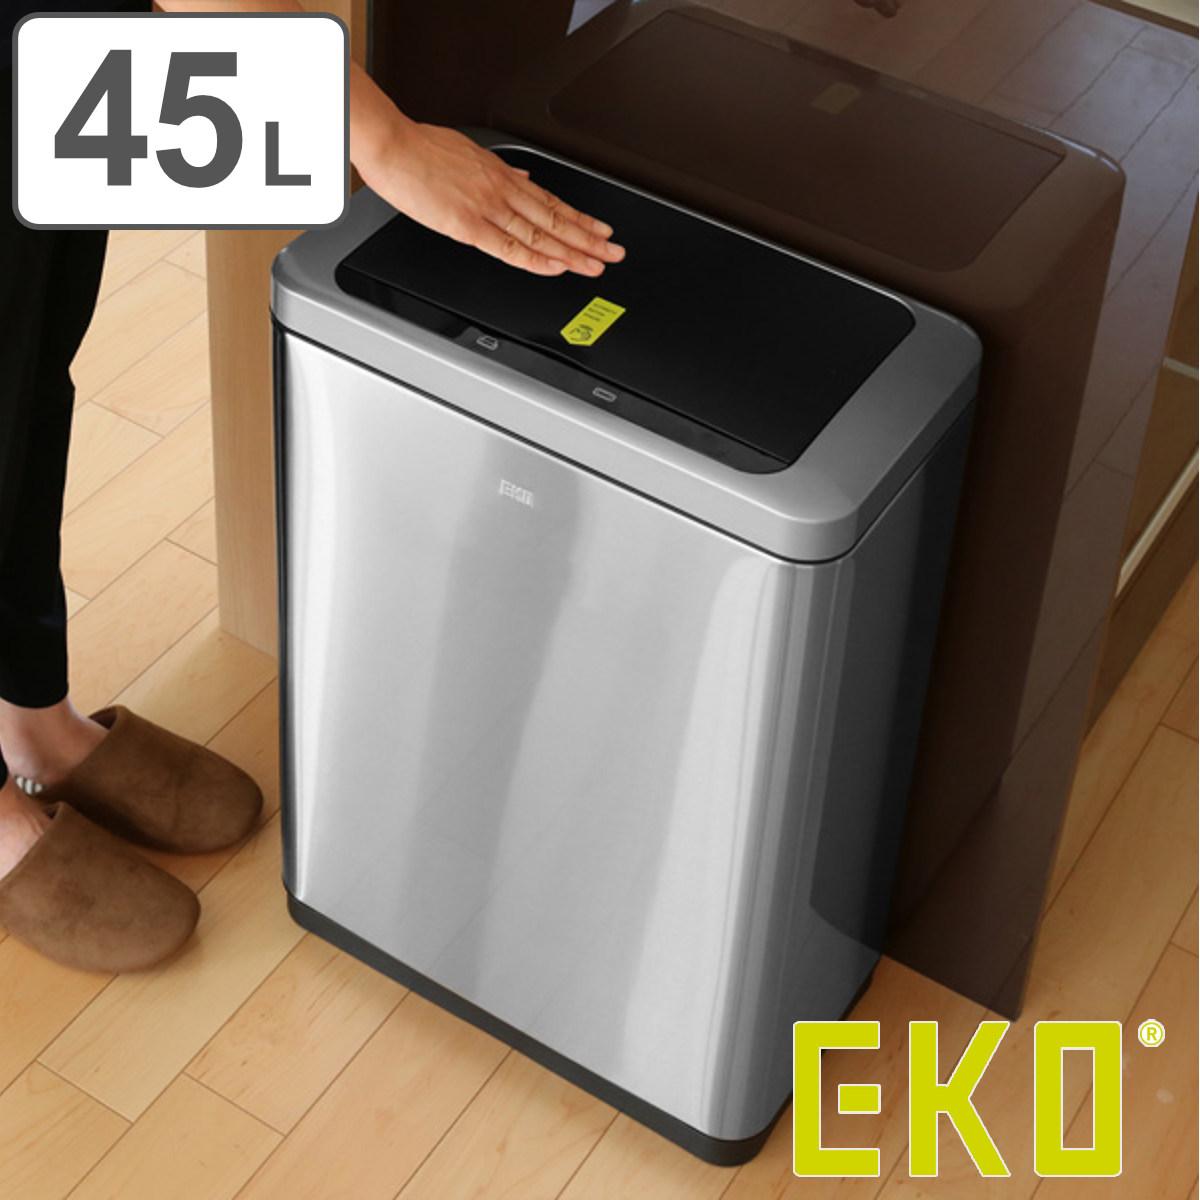 ゴミ箱 ふた付 EKO ブラヴィア センサービン 45L ( 送料無料 ごみ箱 ダストボックス センサー ステンレス シンプル スリム インナー付き 洗える おしゃれ )